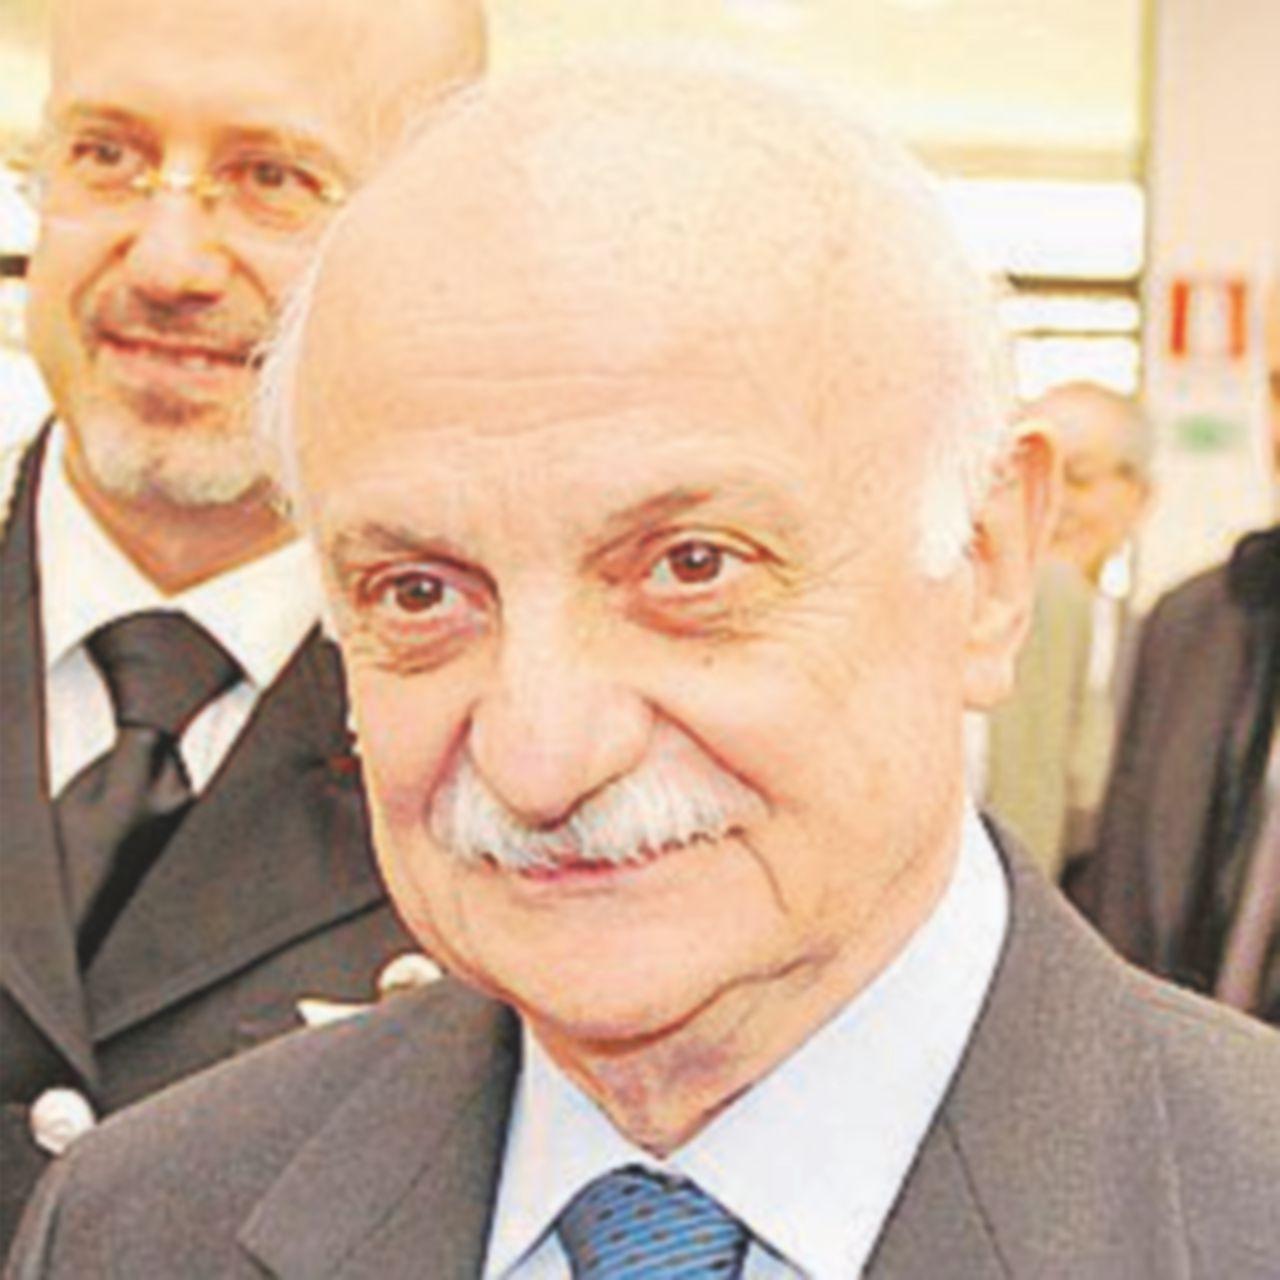 Stato-mafia, Mori replica alle accuse: né P2, né golpe